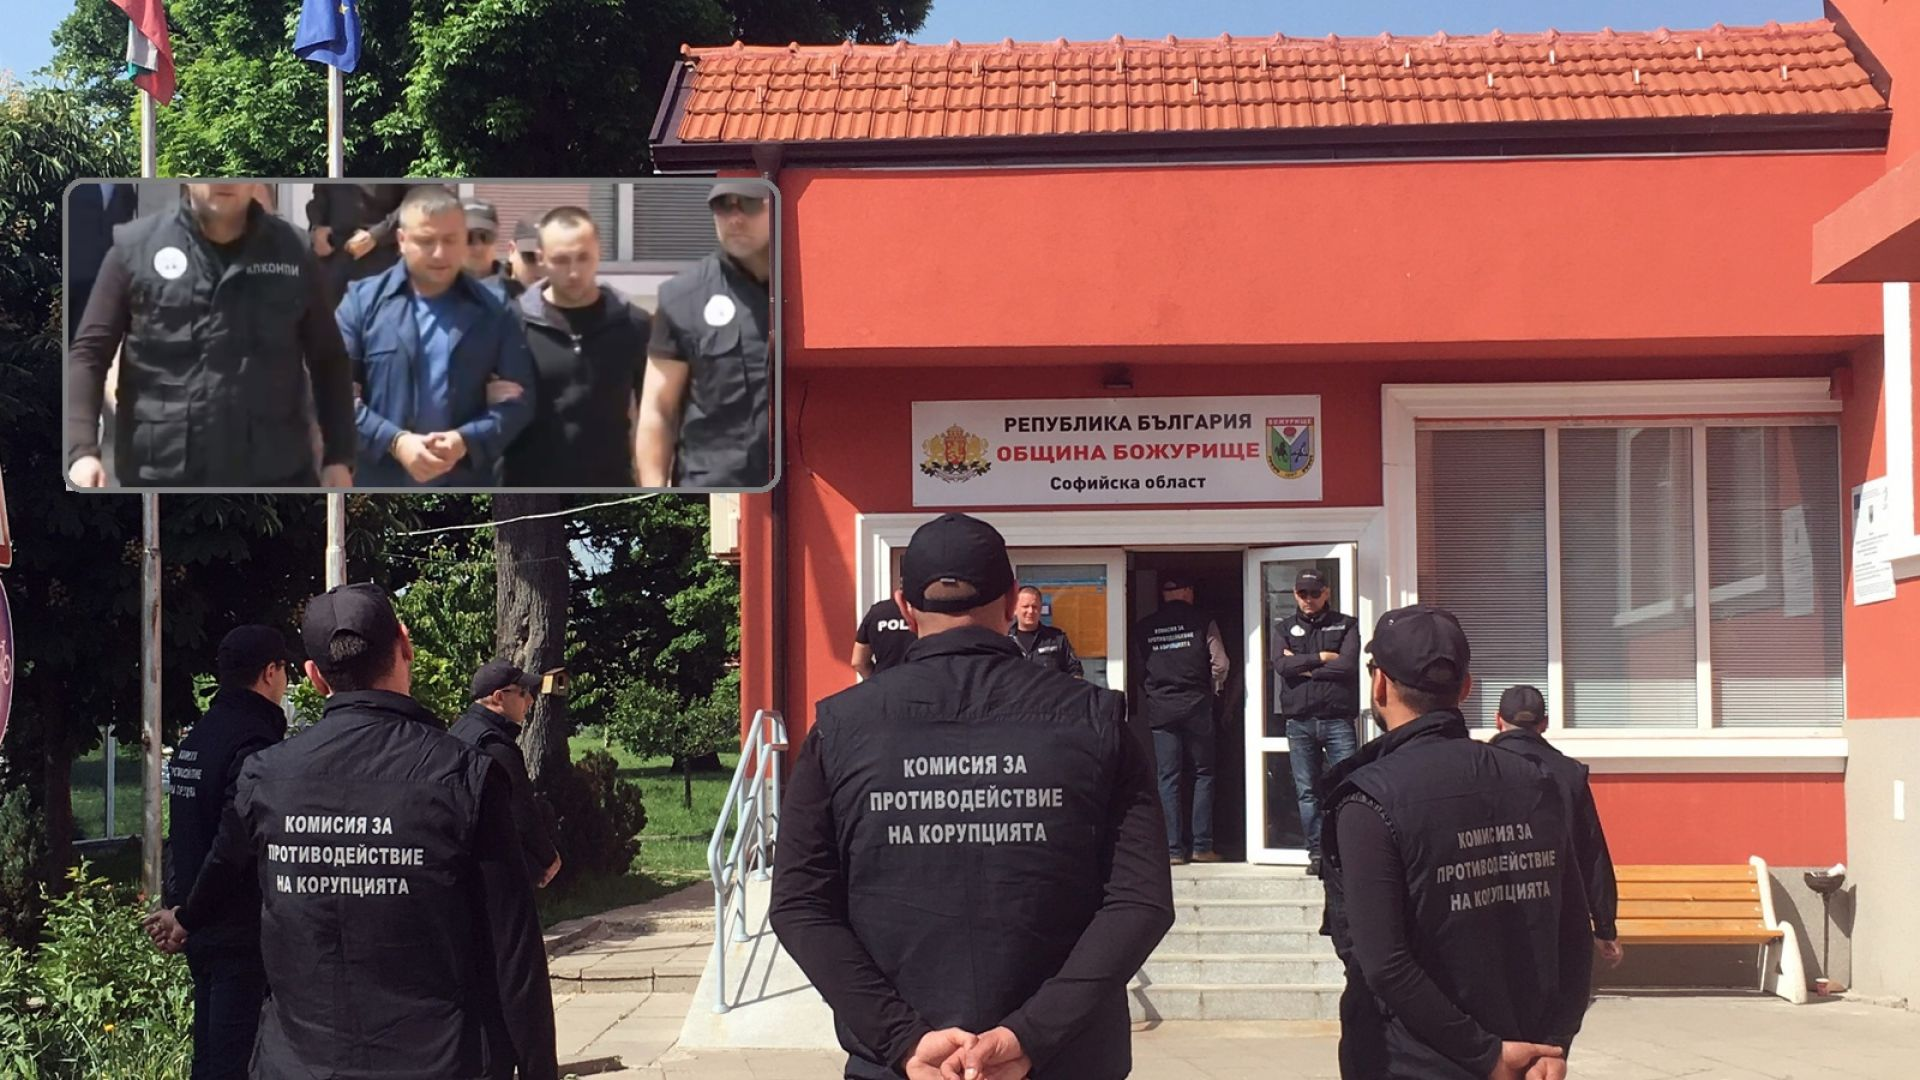 Арестуваха цялото ръководство на община Божурище